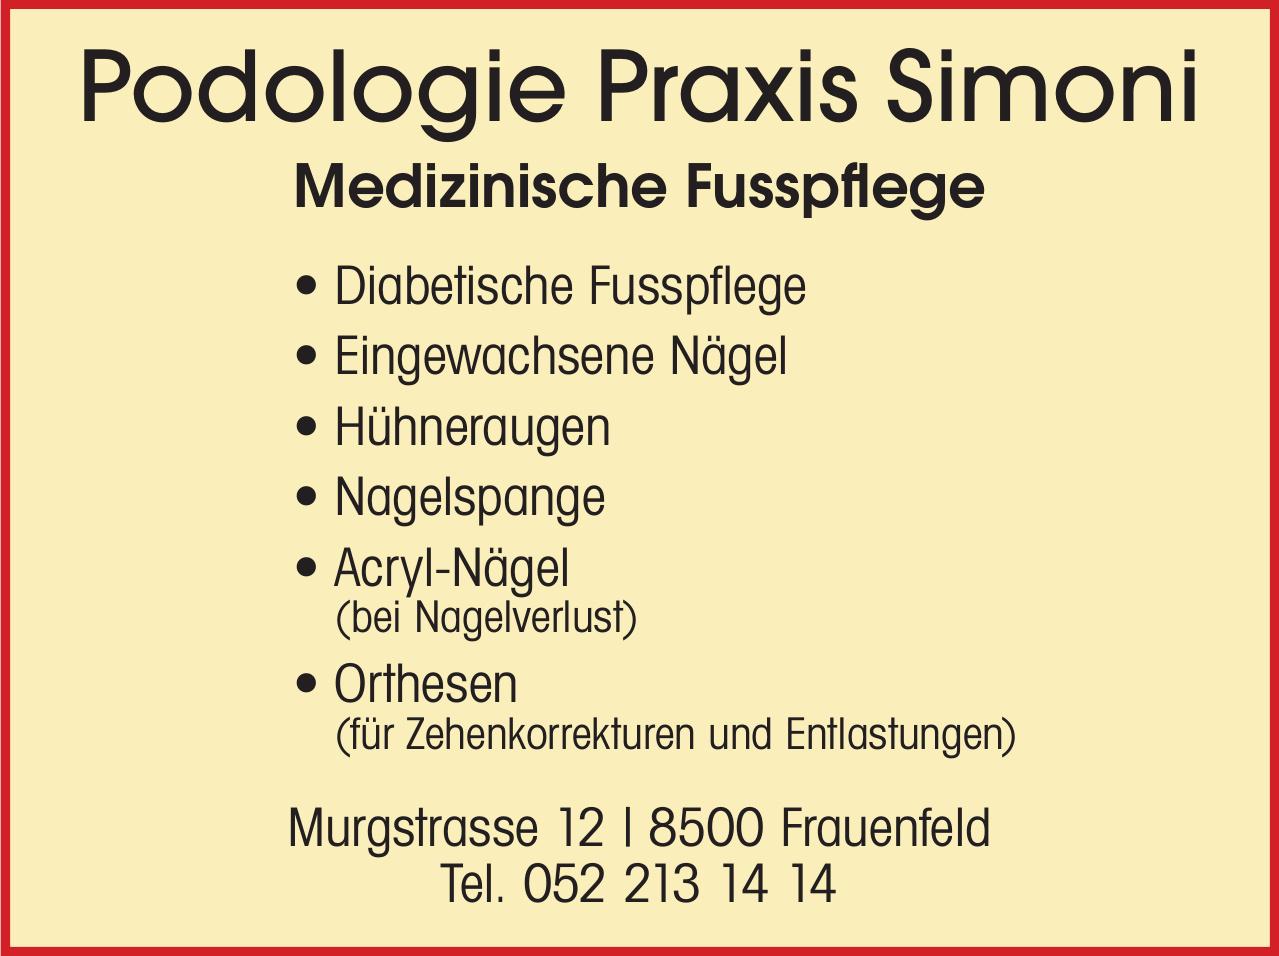 Podologie Praxis Simoni